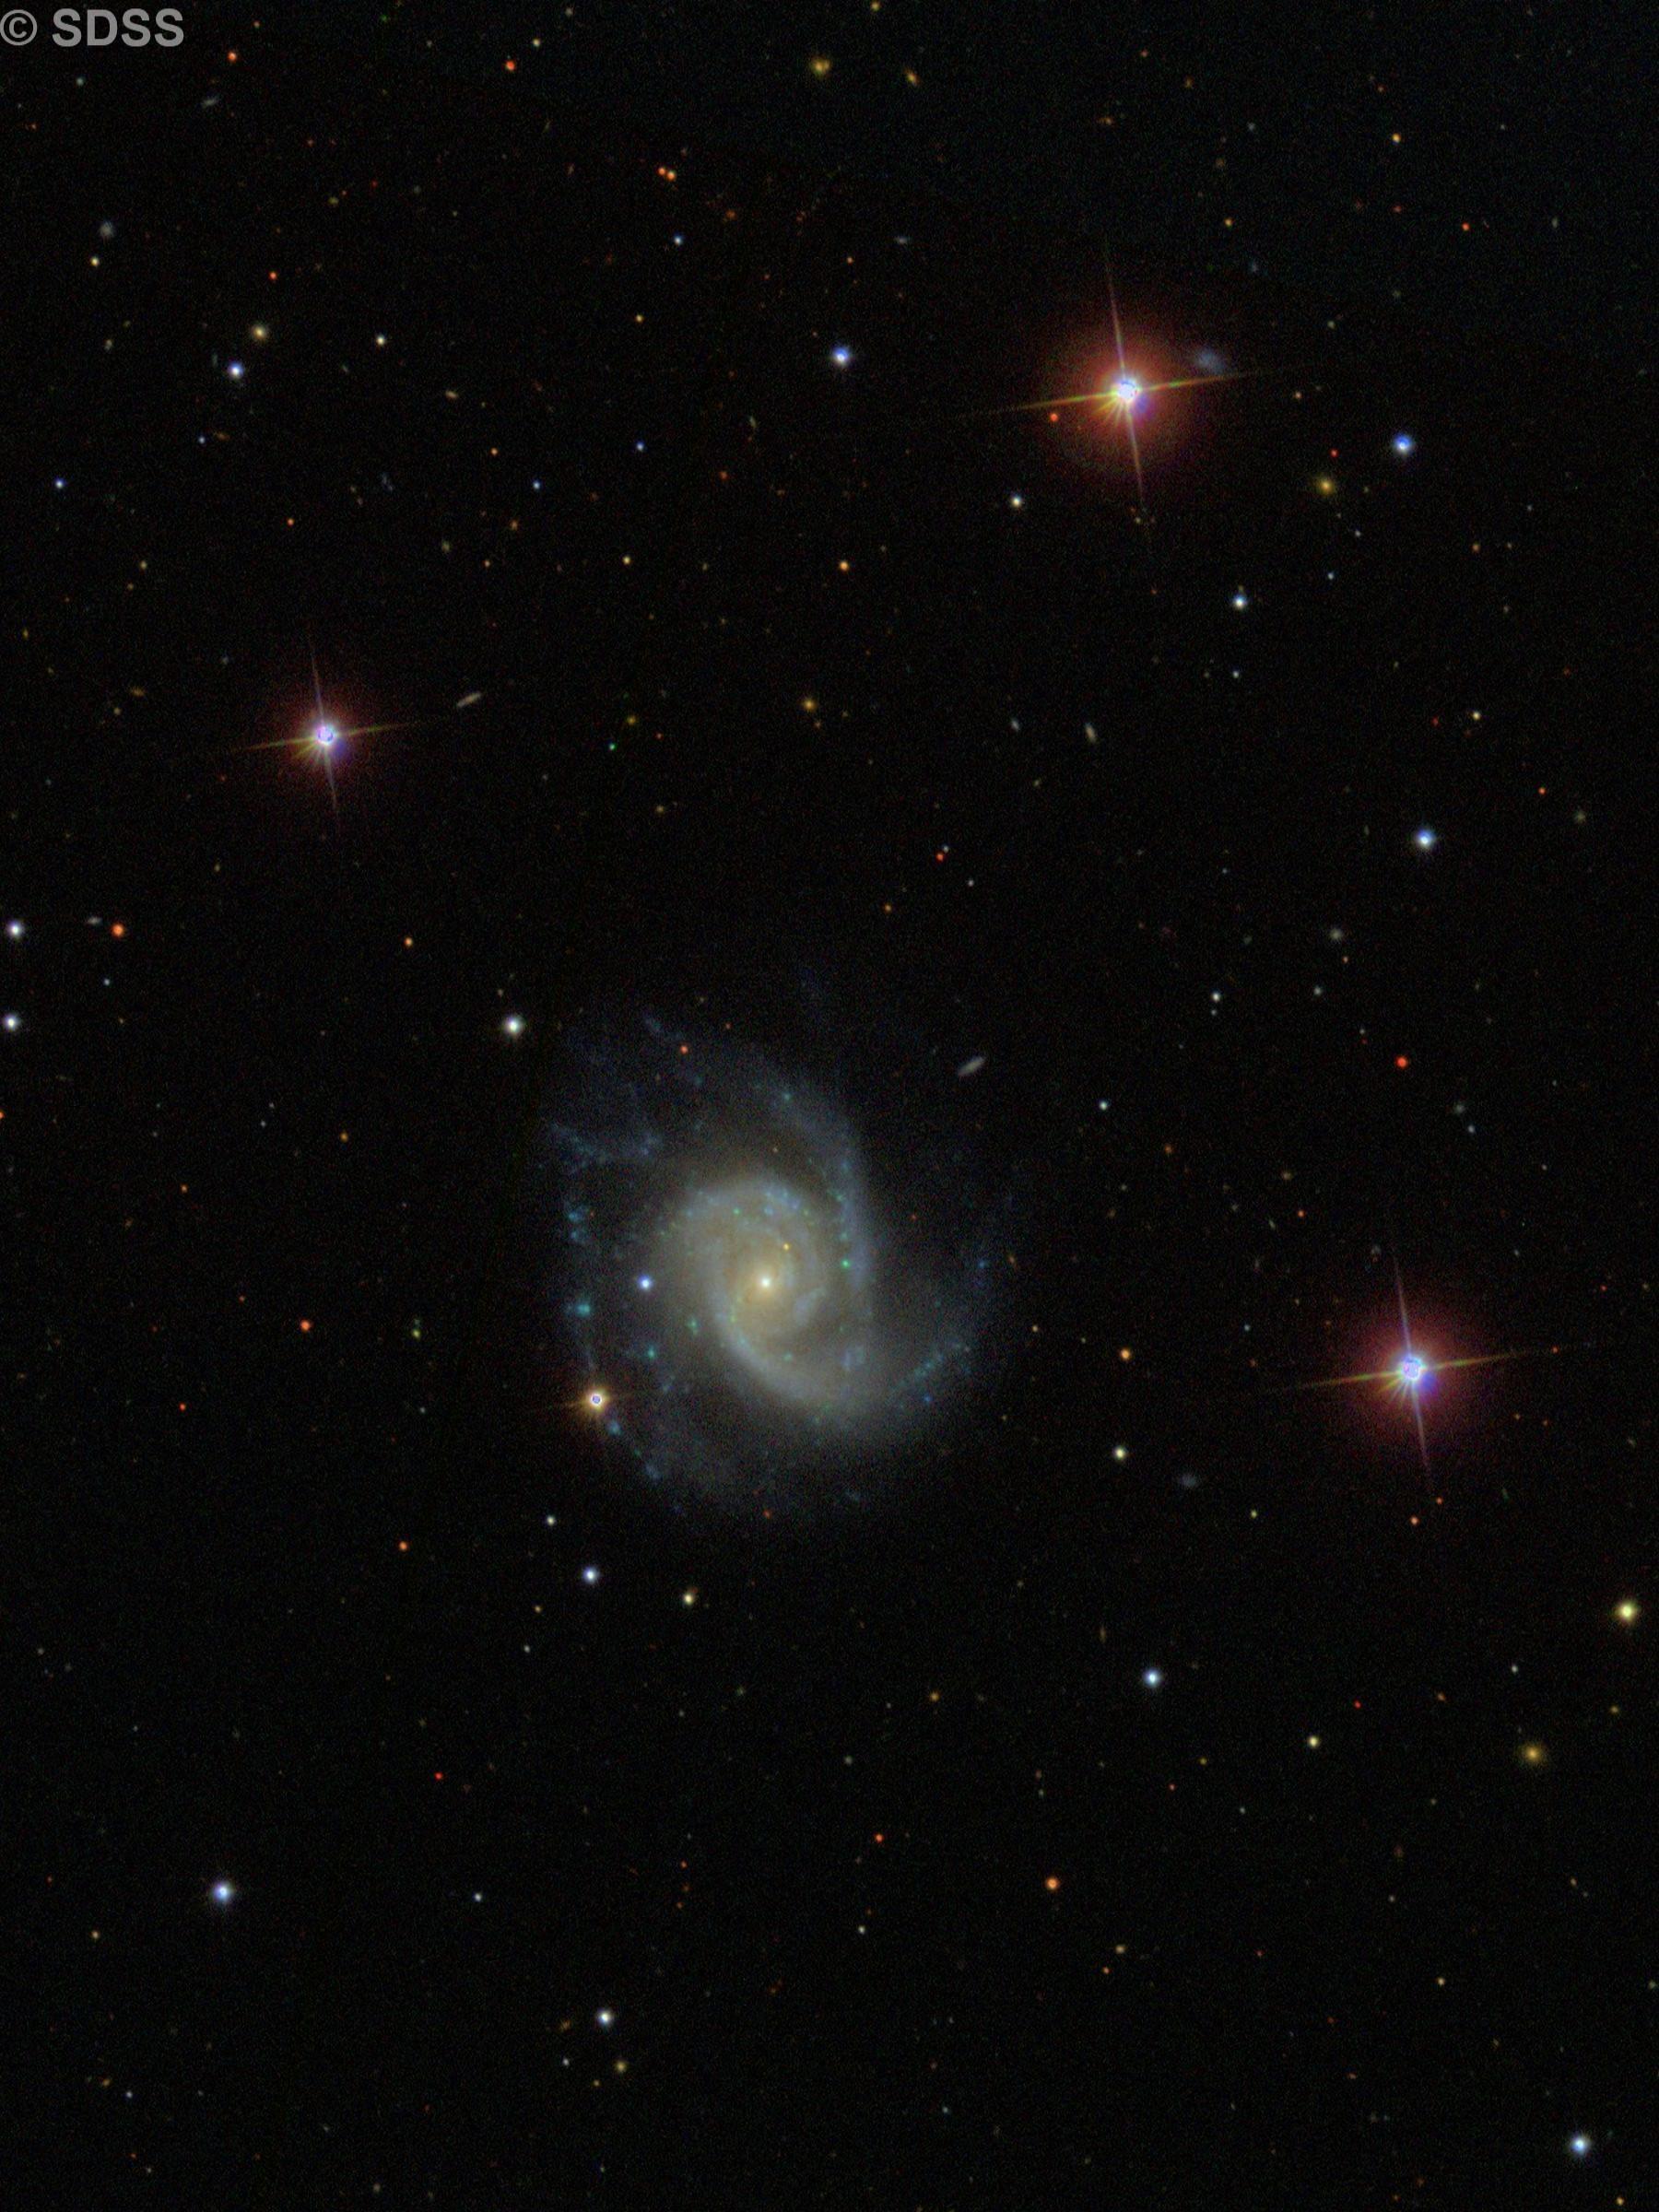 NGC 3162